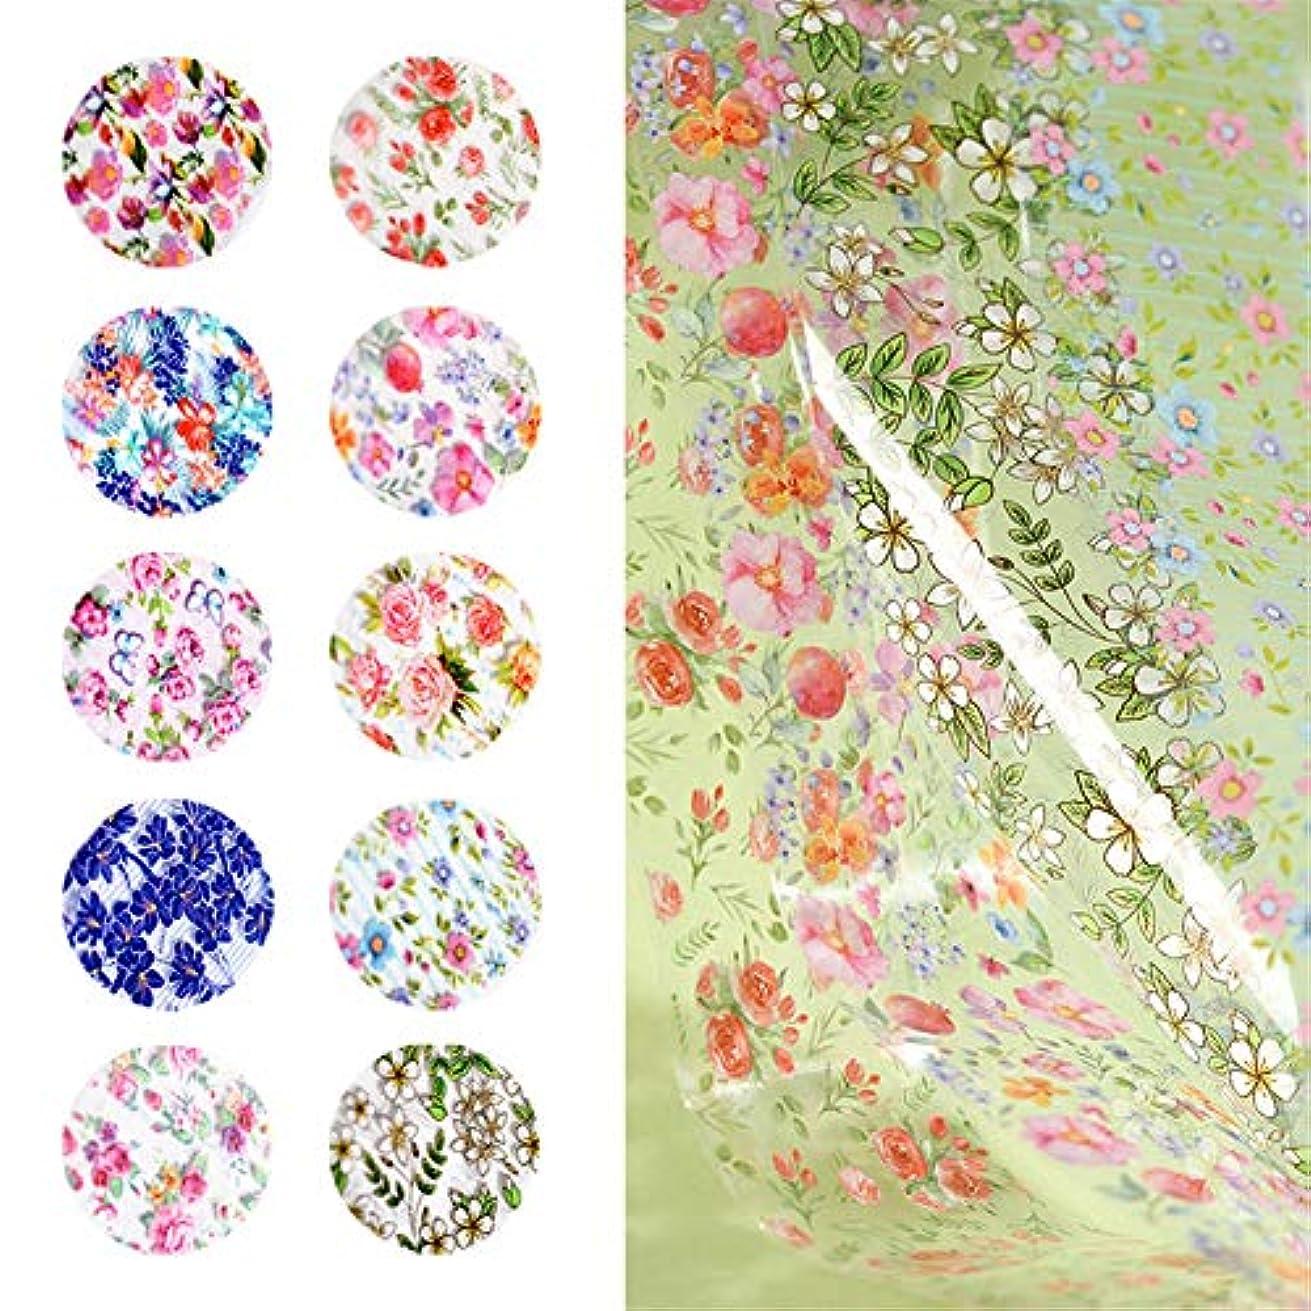 食物オズワルド軸10シール フラワー ネイルホイル レース 桜 春 ネイルデコ ステッカー ネイルアート ホイル (01-10)